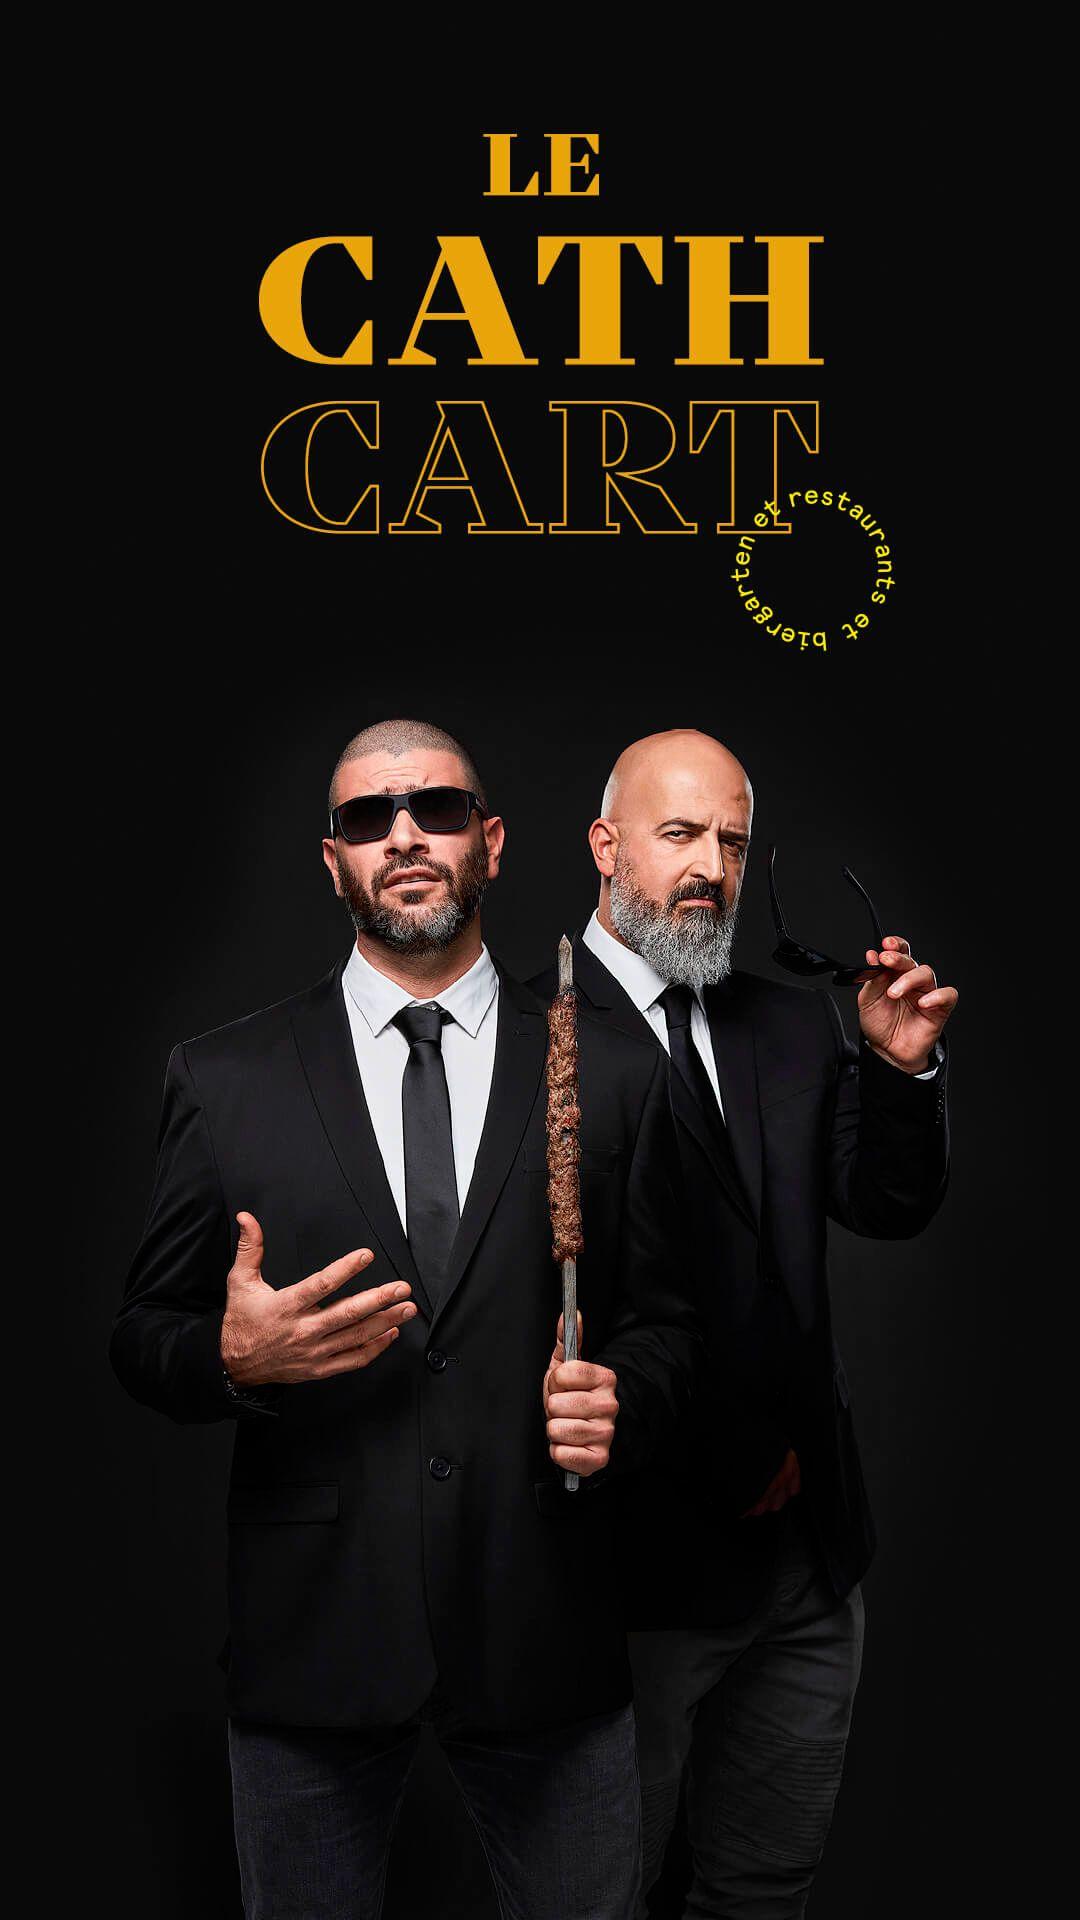 Charbel Yazbeck et Akram Sleiman by Jocelyn Michel for Cathcart restaurant